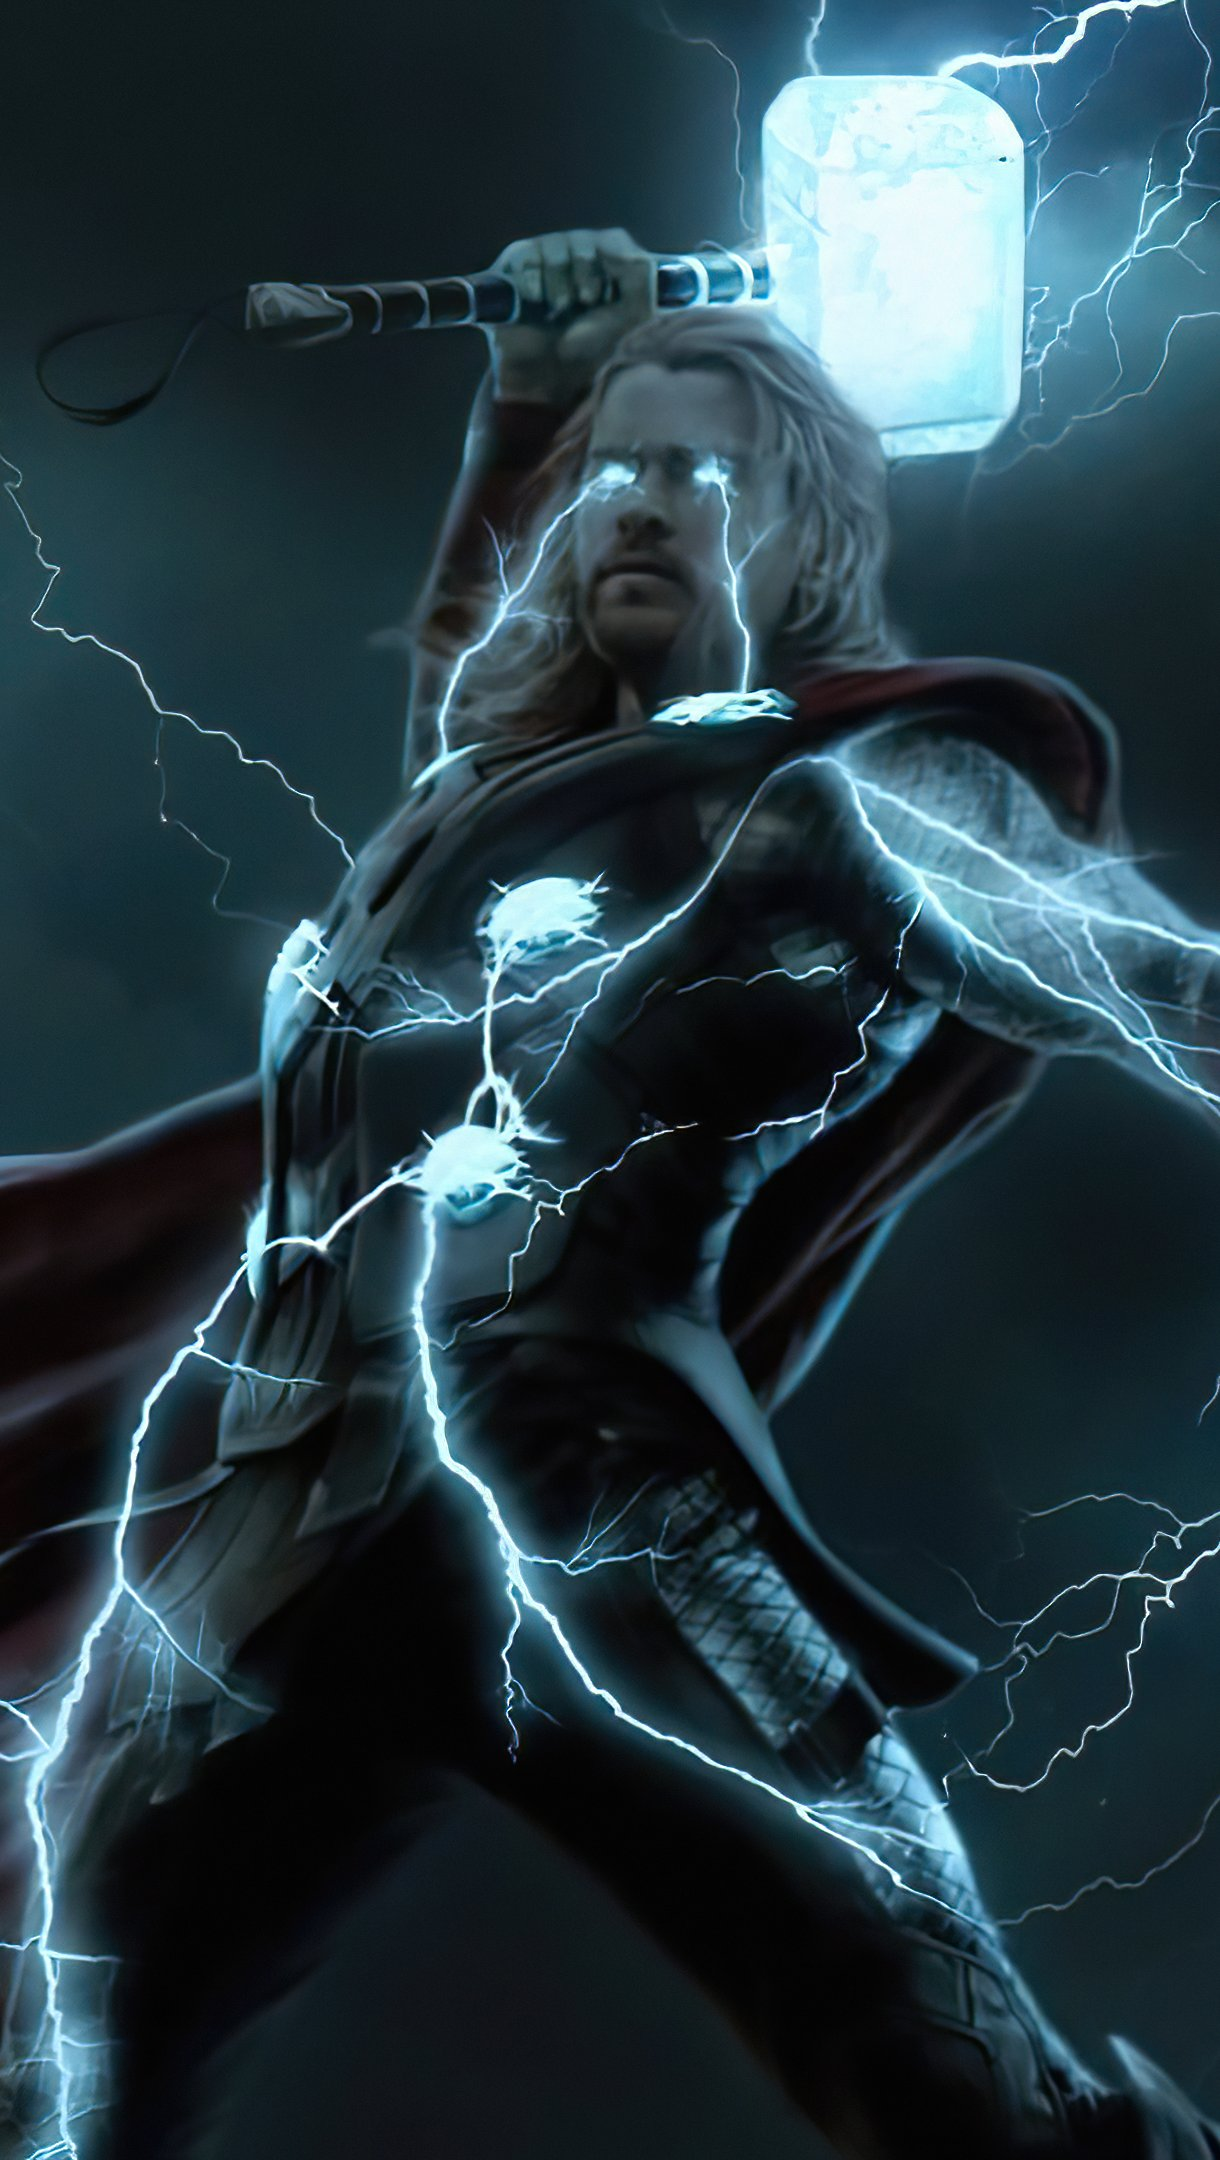 Fondos de pantalla El rayo de Thor Vertical